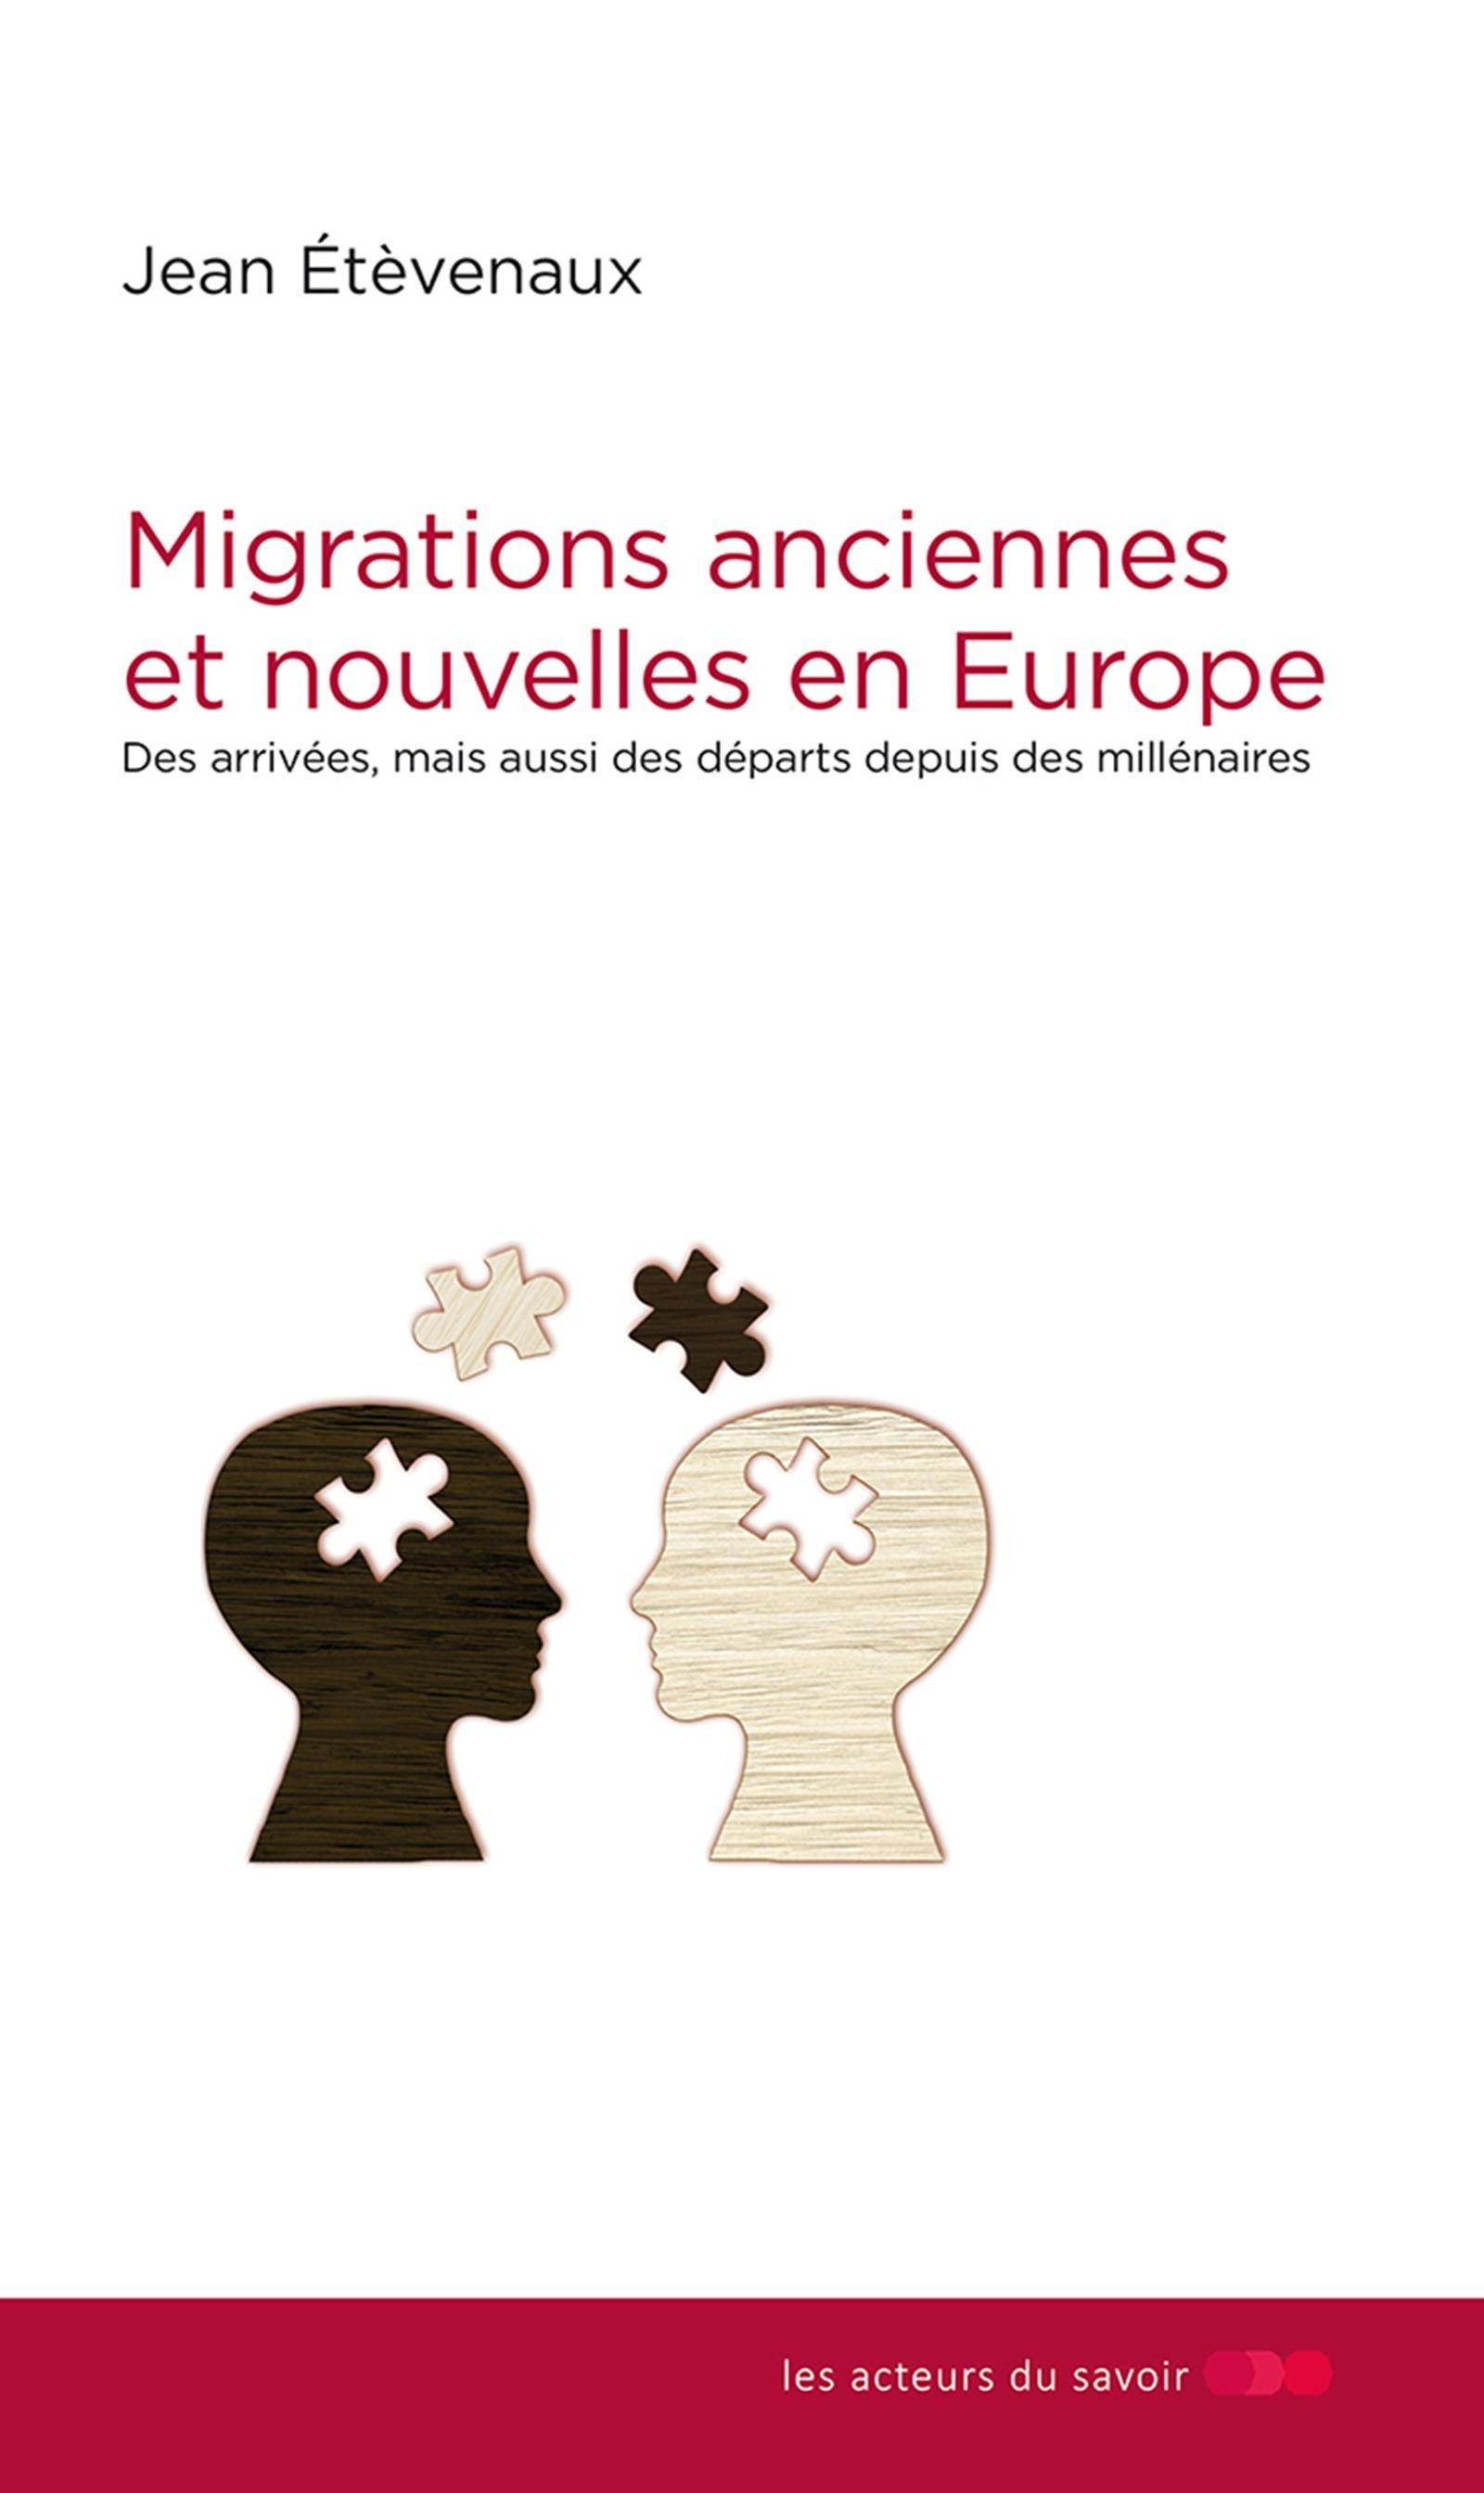 Migrations anciennes et nouvelles en Europe